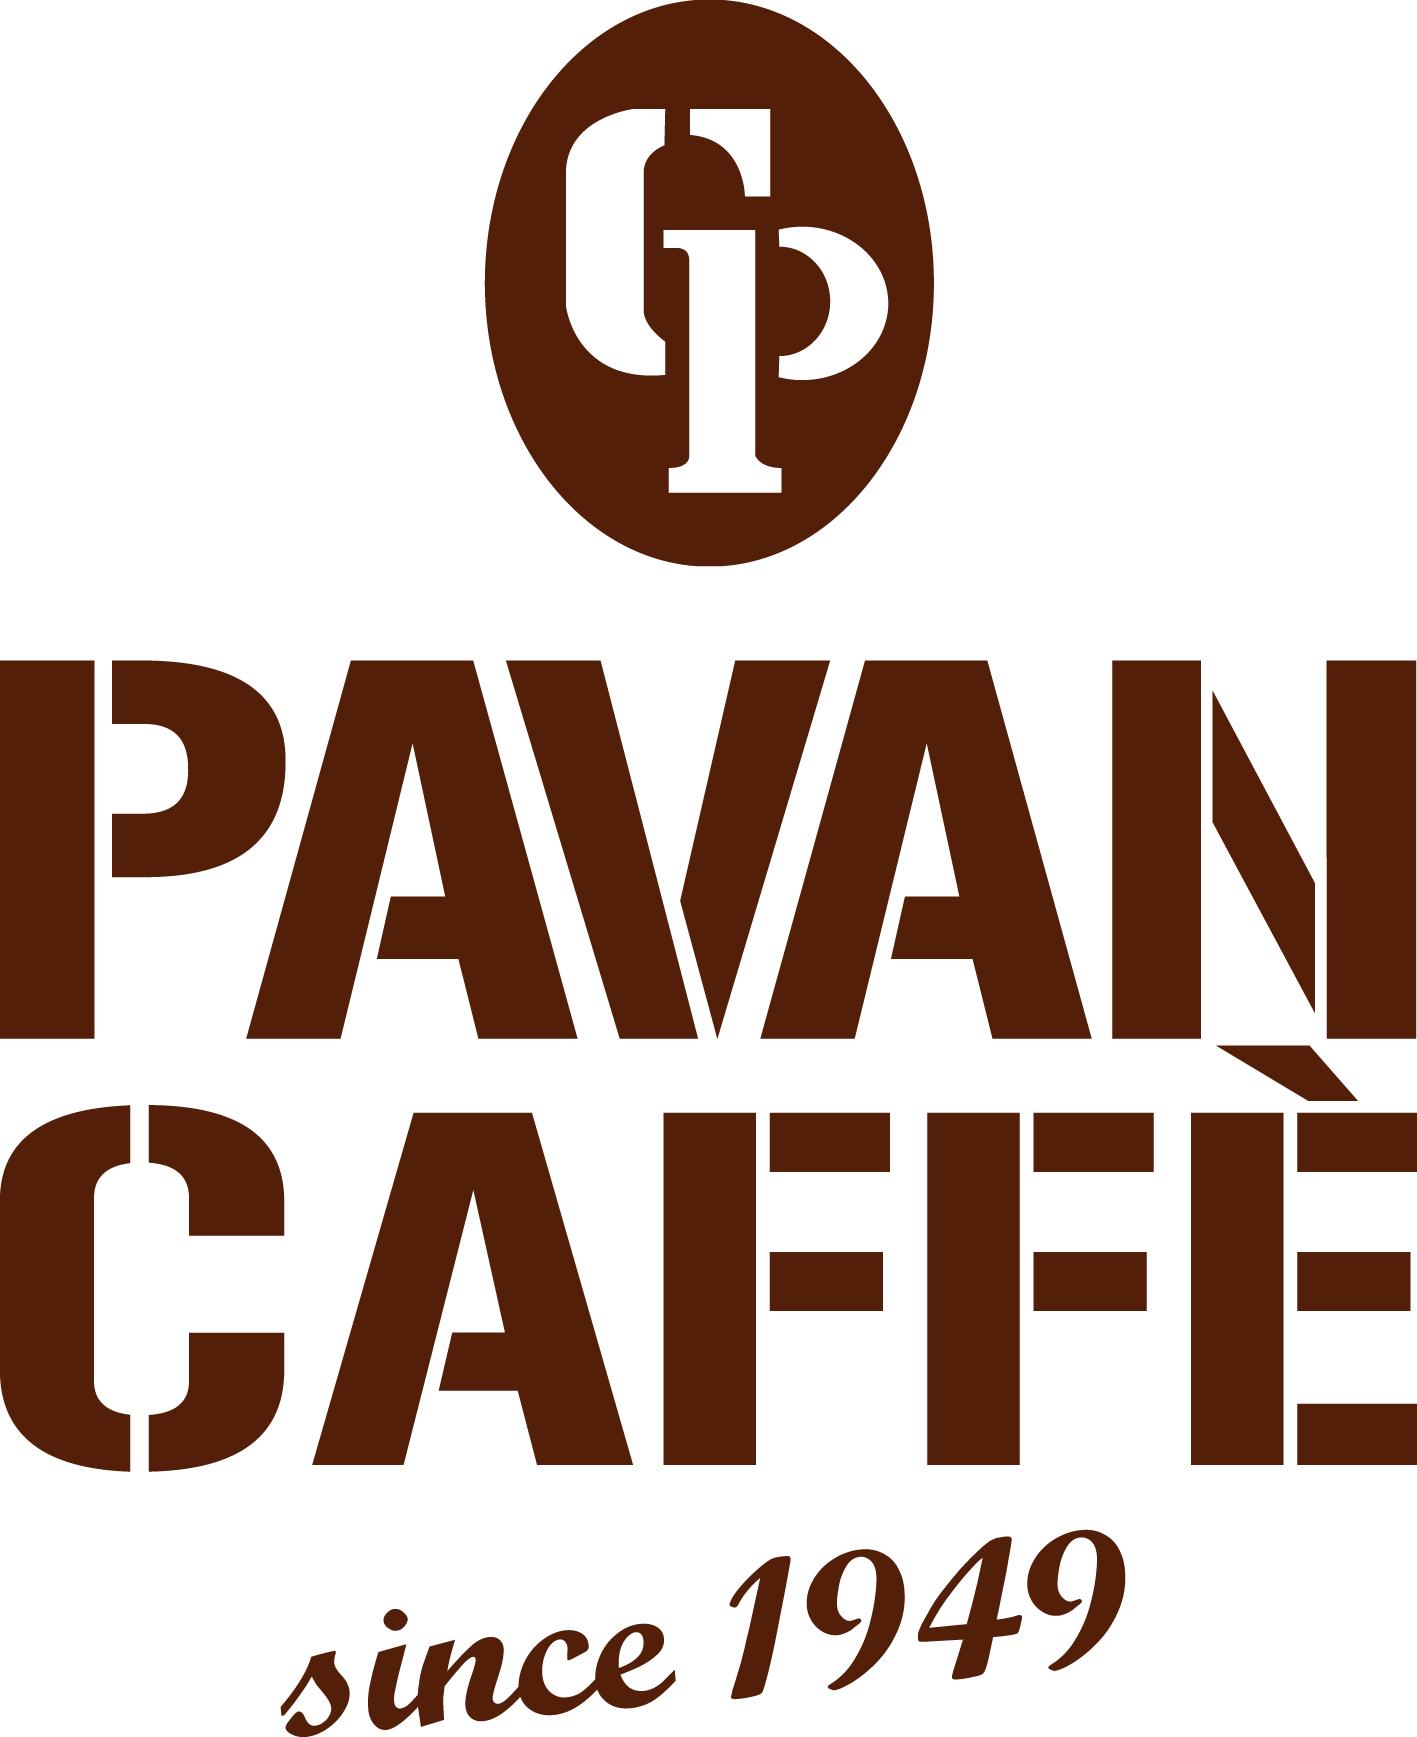 Pavan Caffè